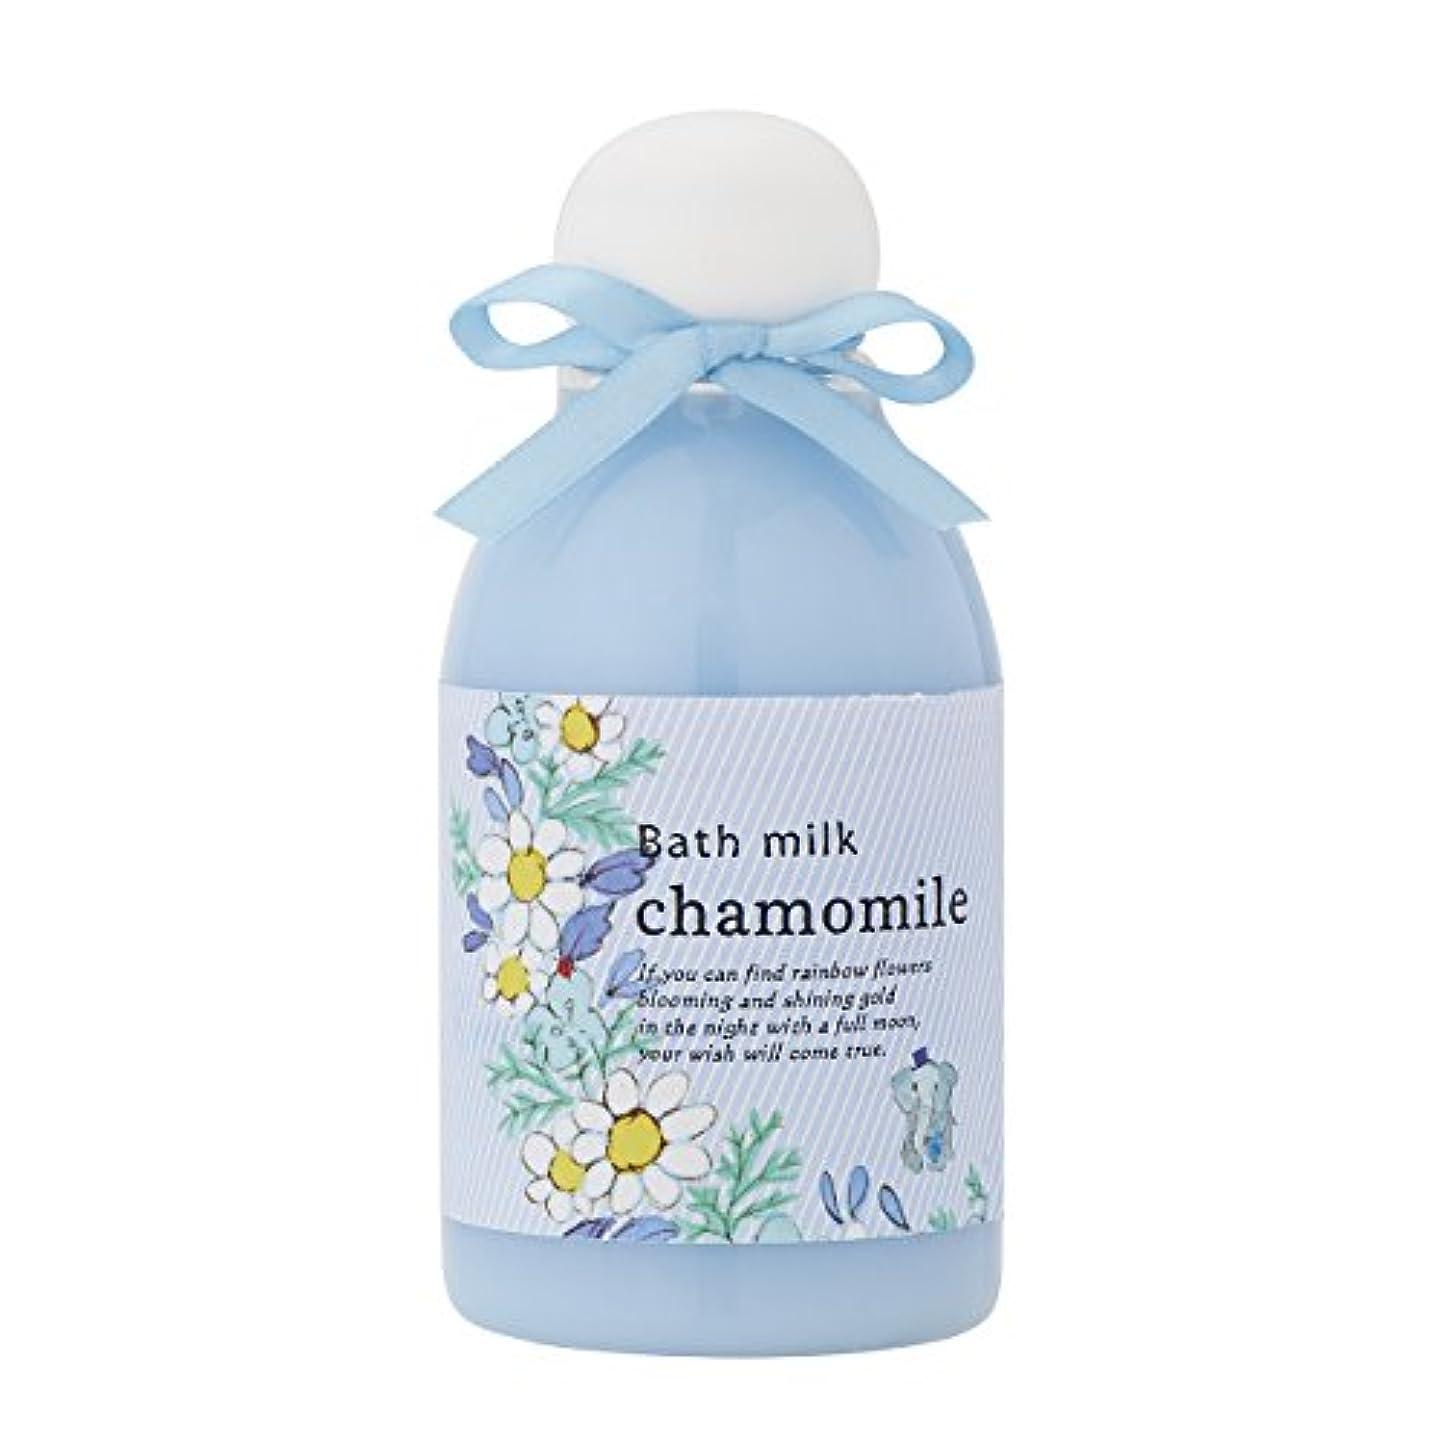 トレースエレガント実行可能サンハーブ バスミルク カモマイル 200ml(バブルバスタイプ入浴料 泡風呂 やさしく穏やかな甘い香り)